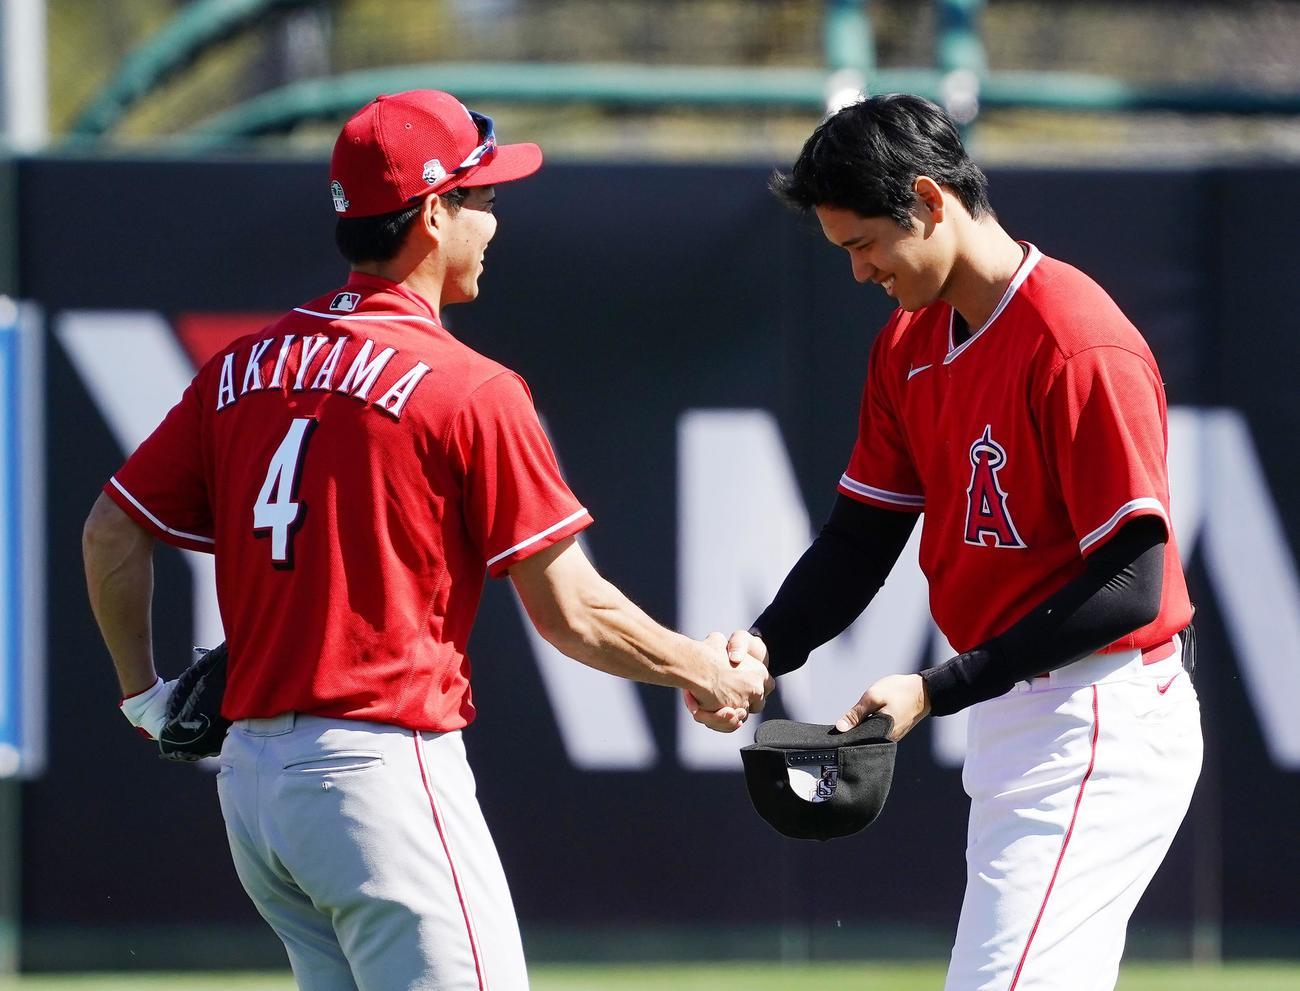 オープン戦に今季初出場し、試合前にレッズ秋山(左)に握手であいさつするエンゼルス大谷(撮影・菅敏)